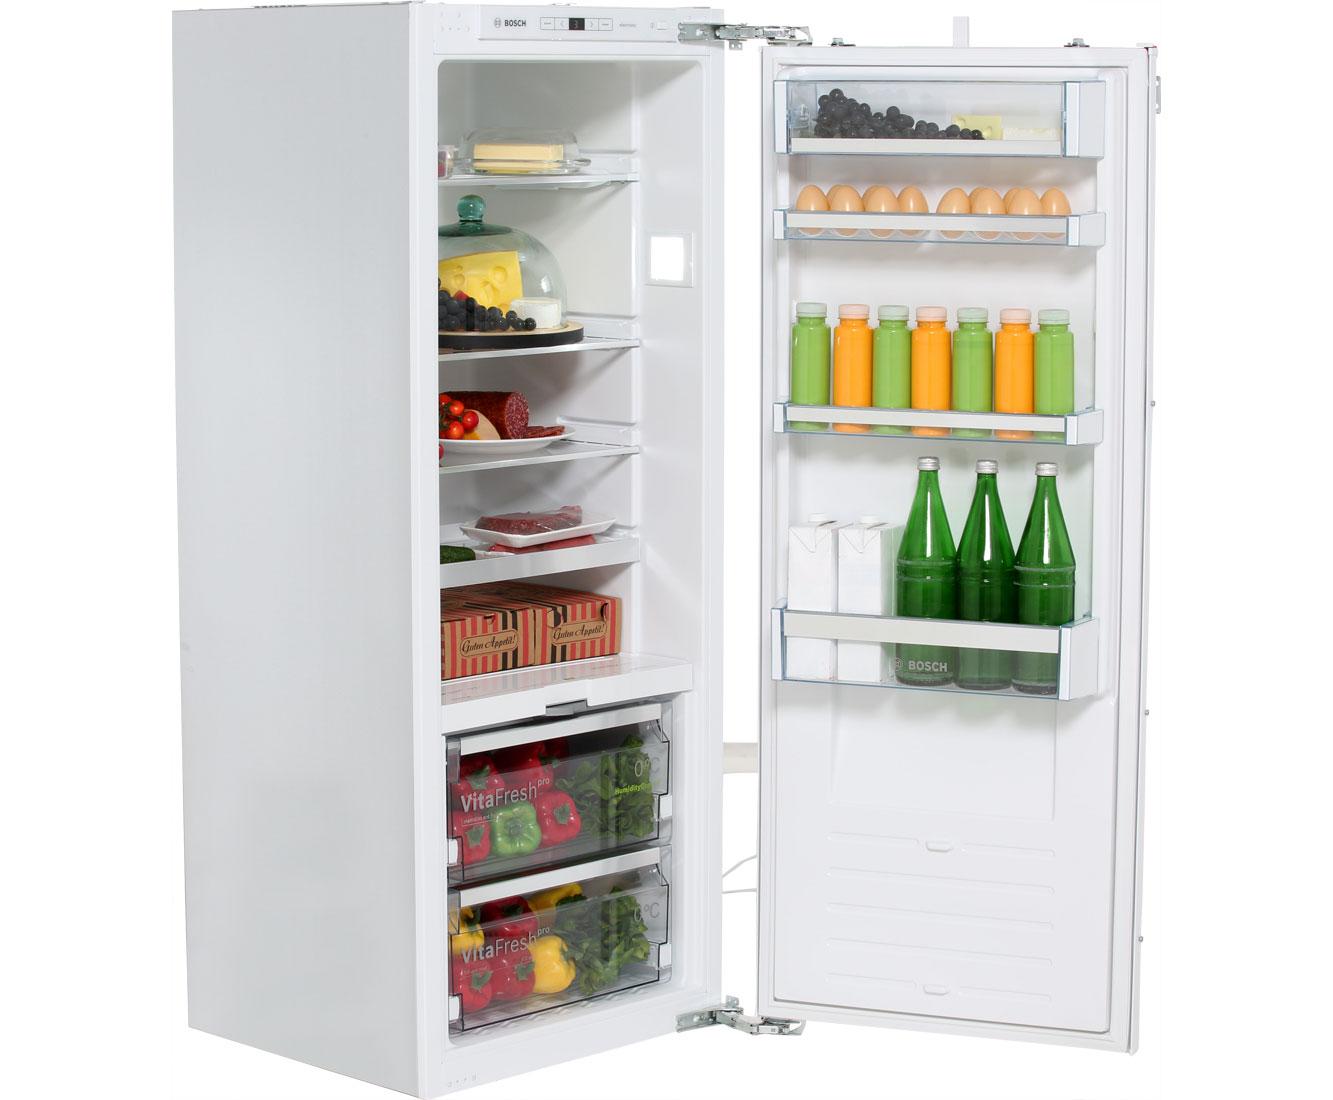 Bosch Kühlschrank Macht Geräusche : Bosch serie kif af einbau kühlschrank er nische festtür